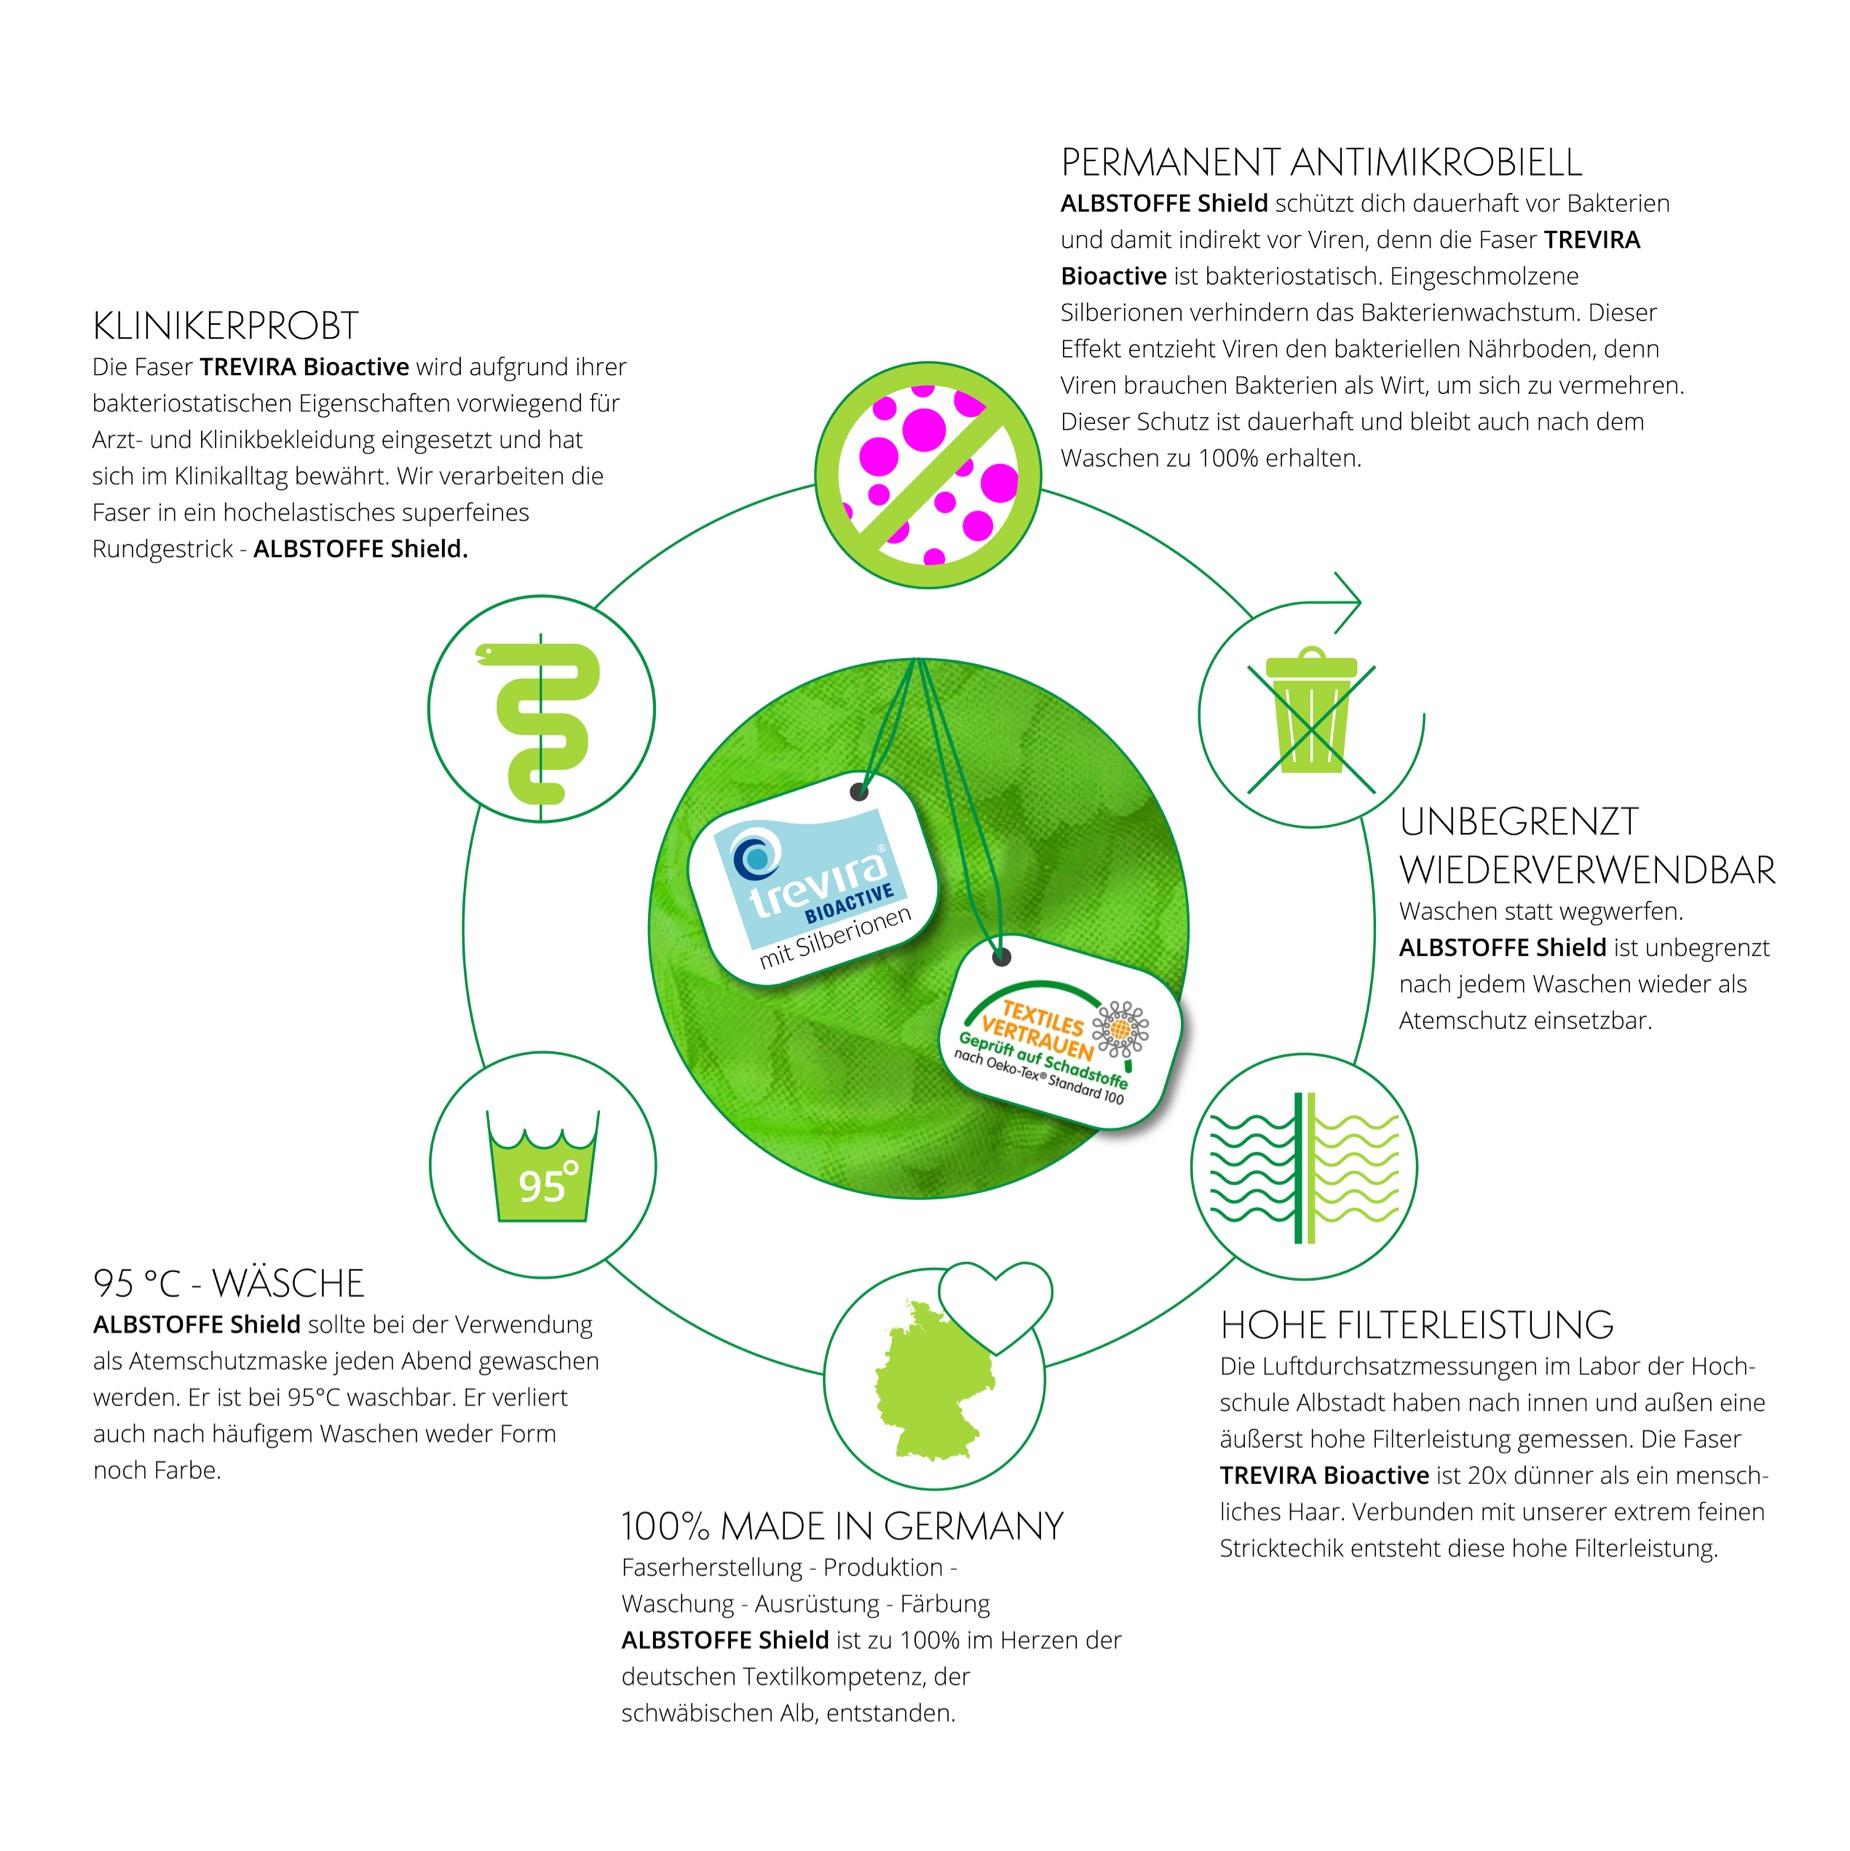 Shield Pro - bluette unifarben von Albstoffe - antimikrobiell für Atem-und Mundmasken!